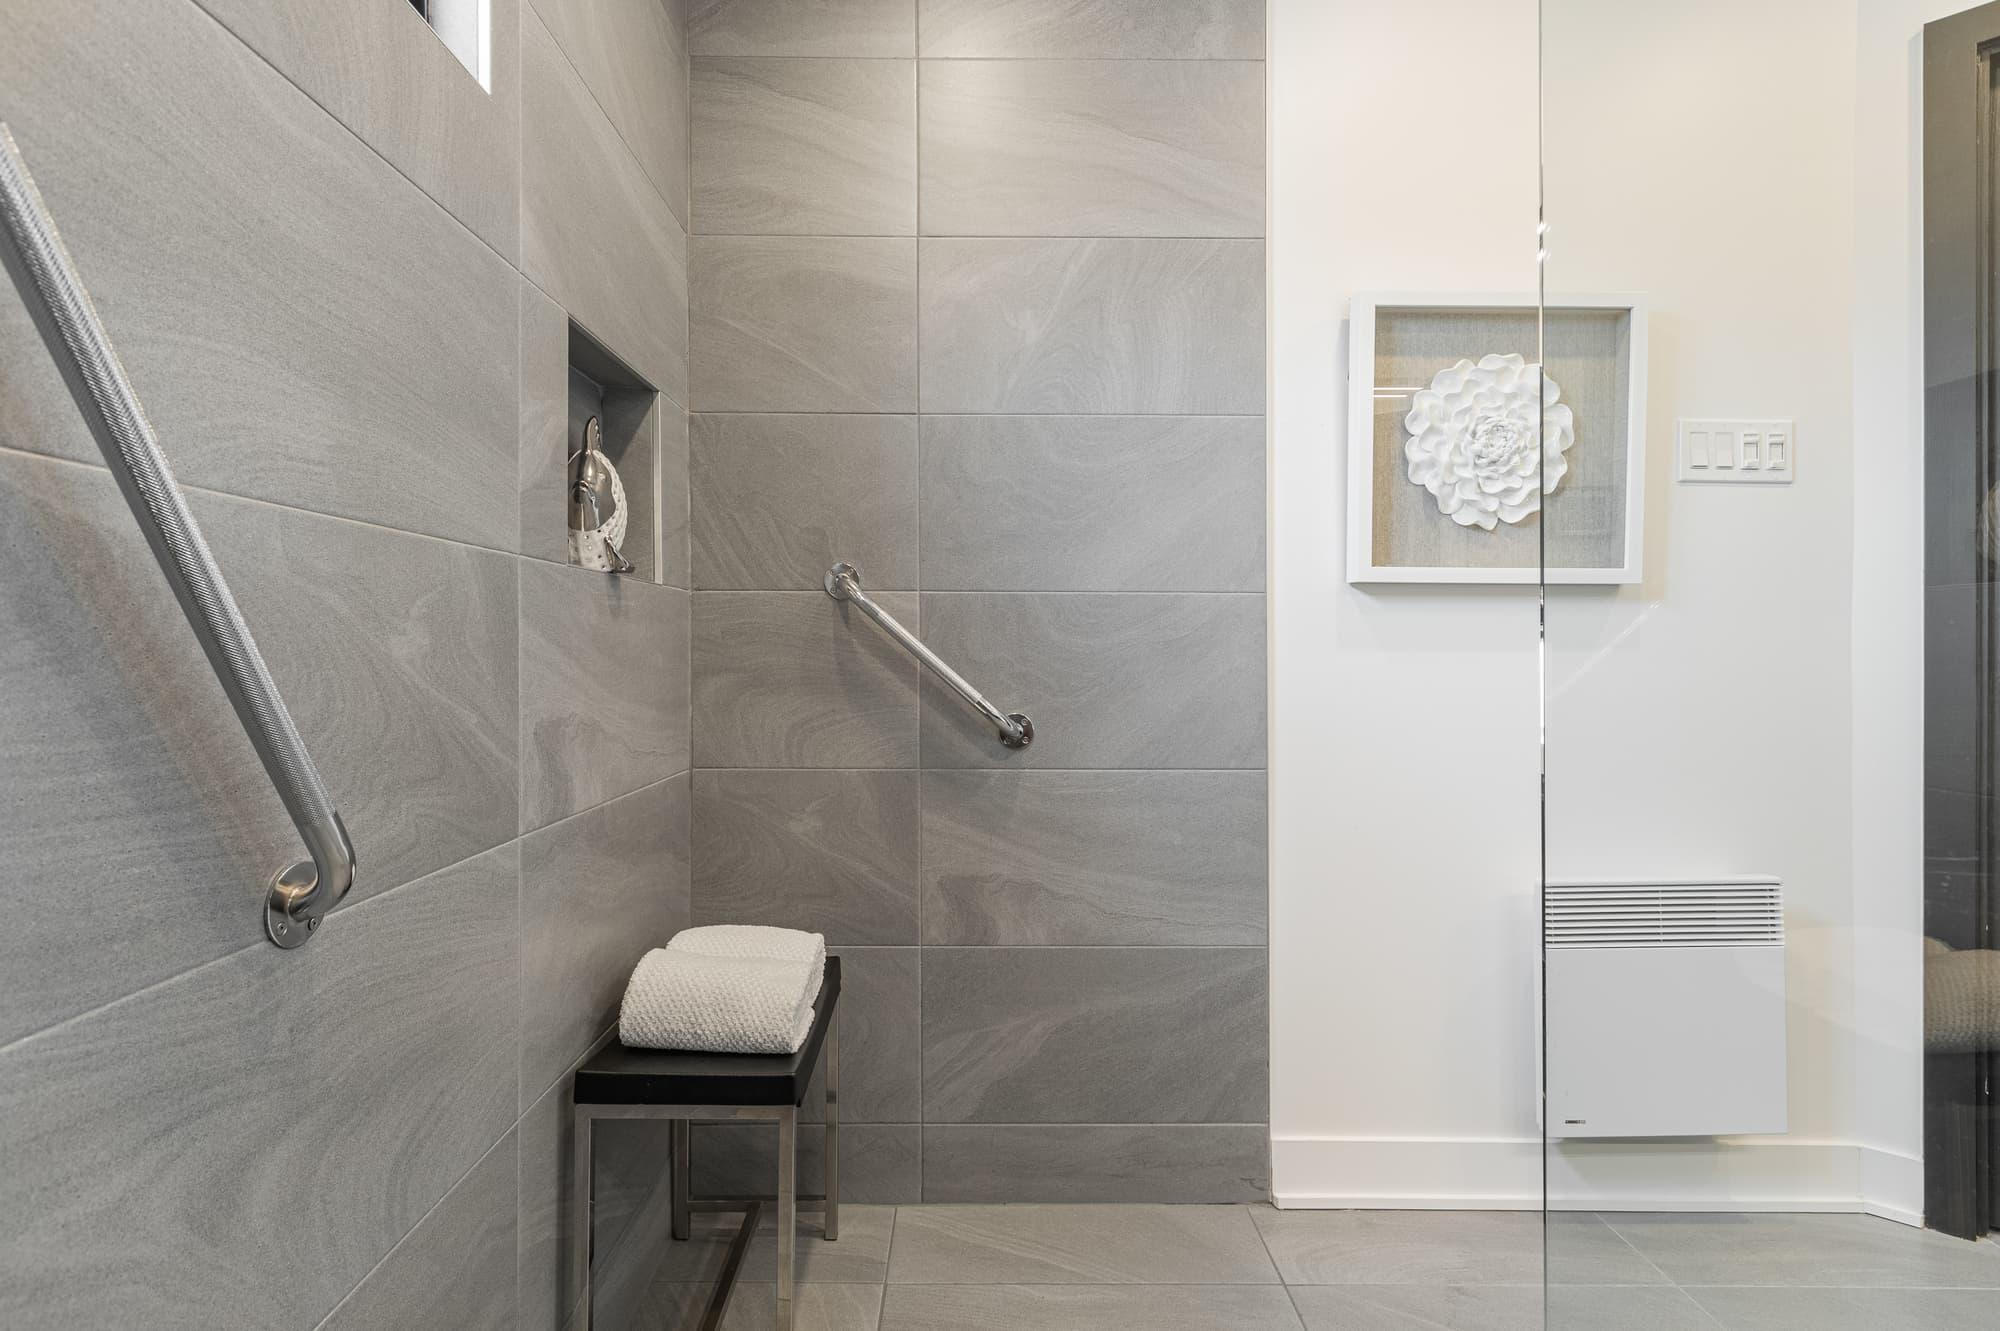 salle de bain adaptée avec barres dans la douche en créramique de type walk-in